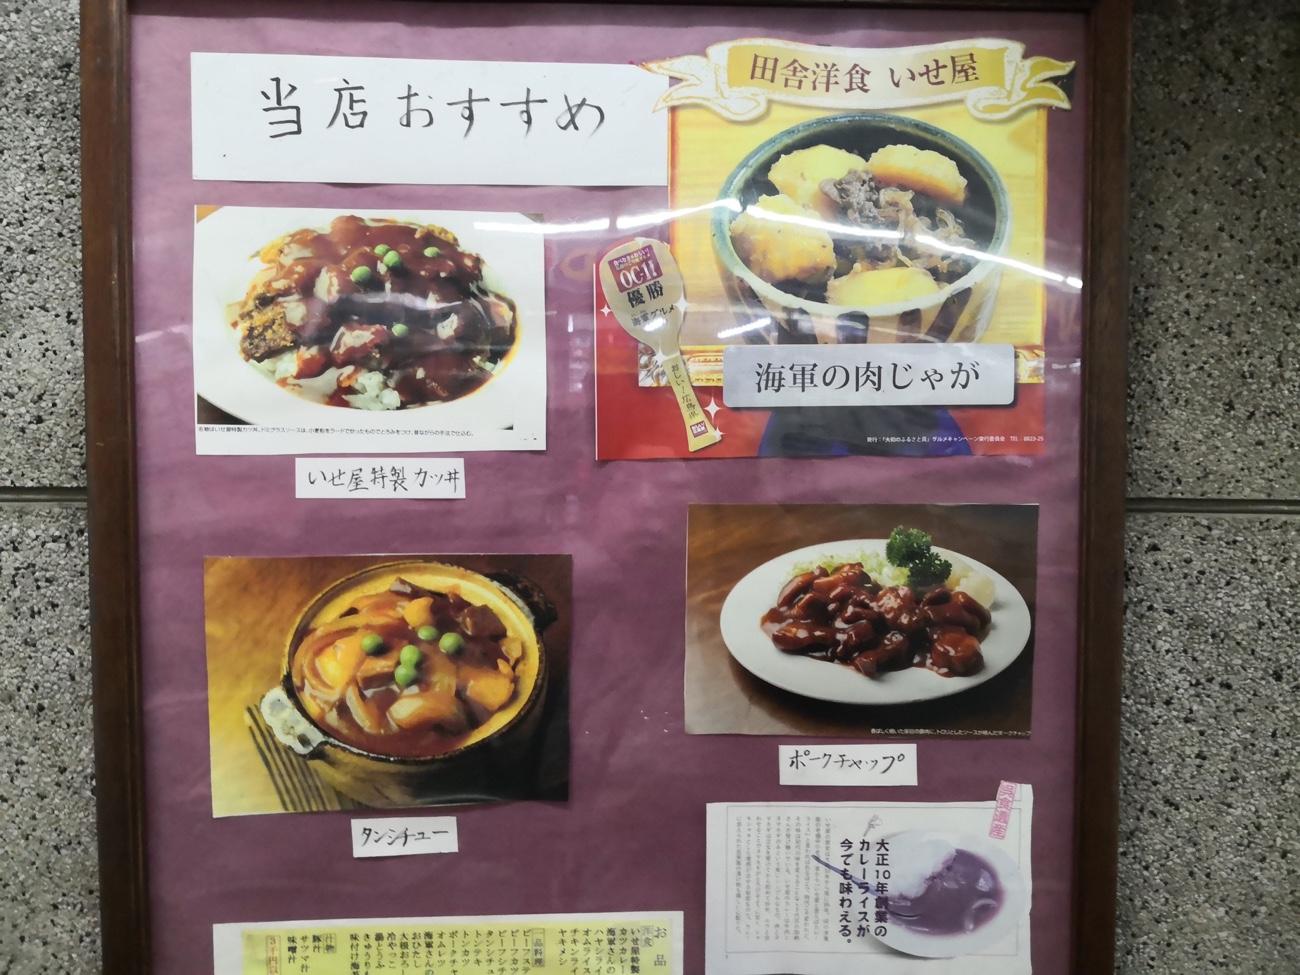 田舎洋食 食堂いせ屋のおすすめメニュー 呉グルメ